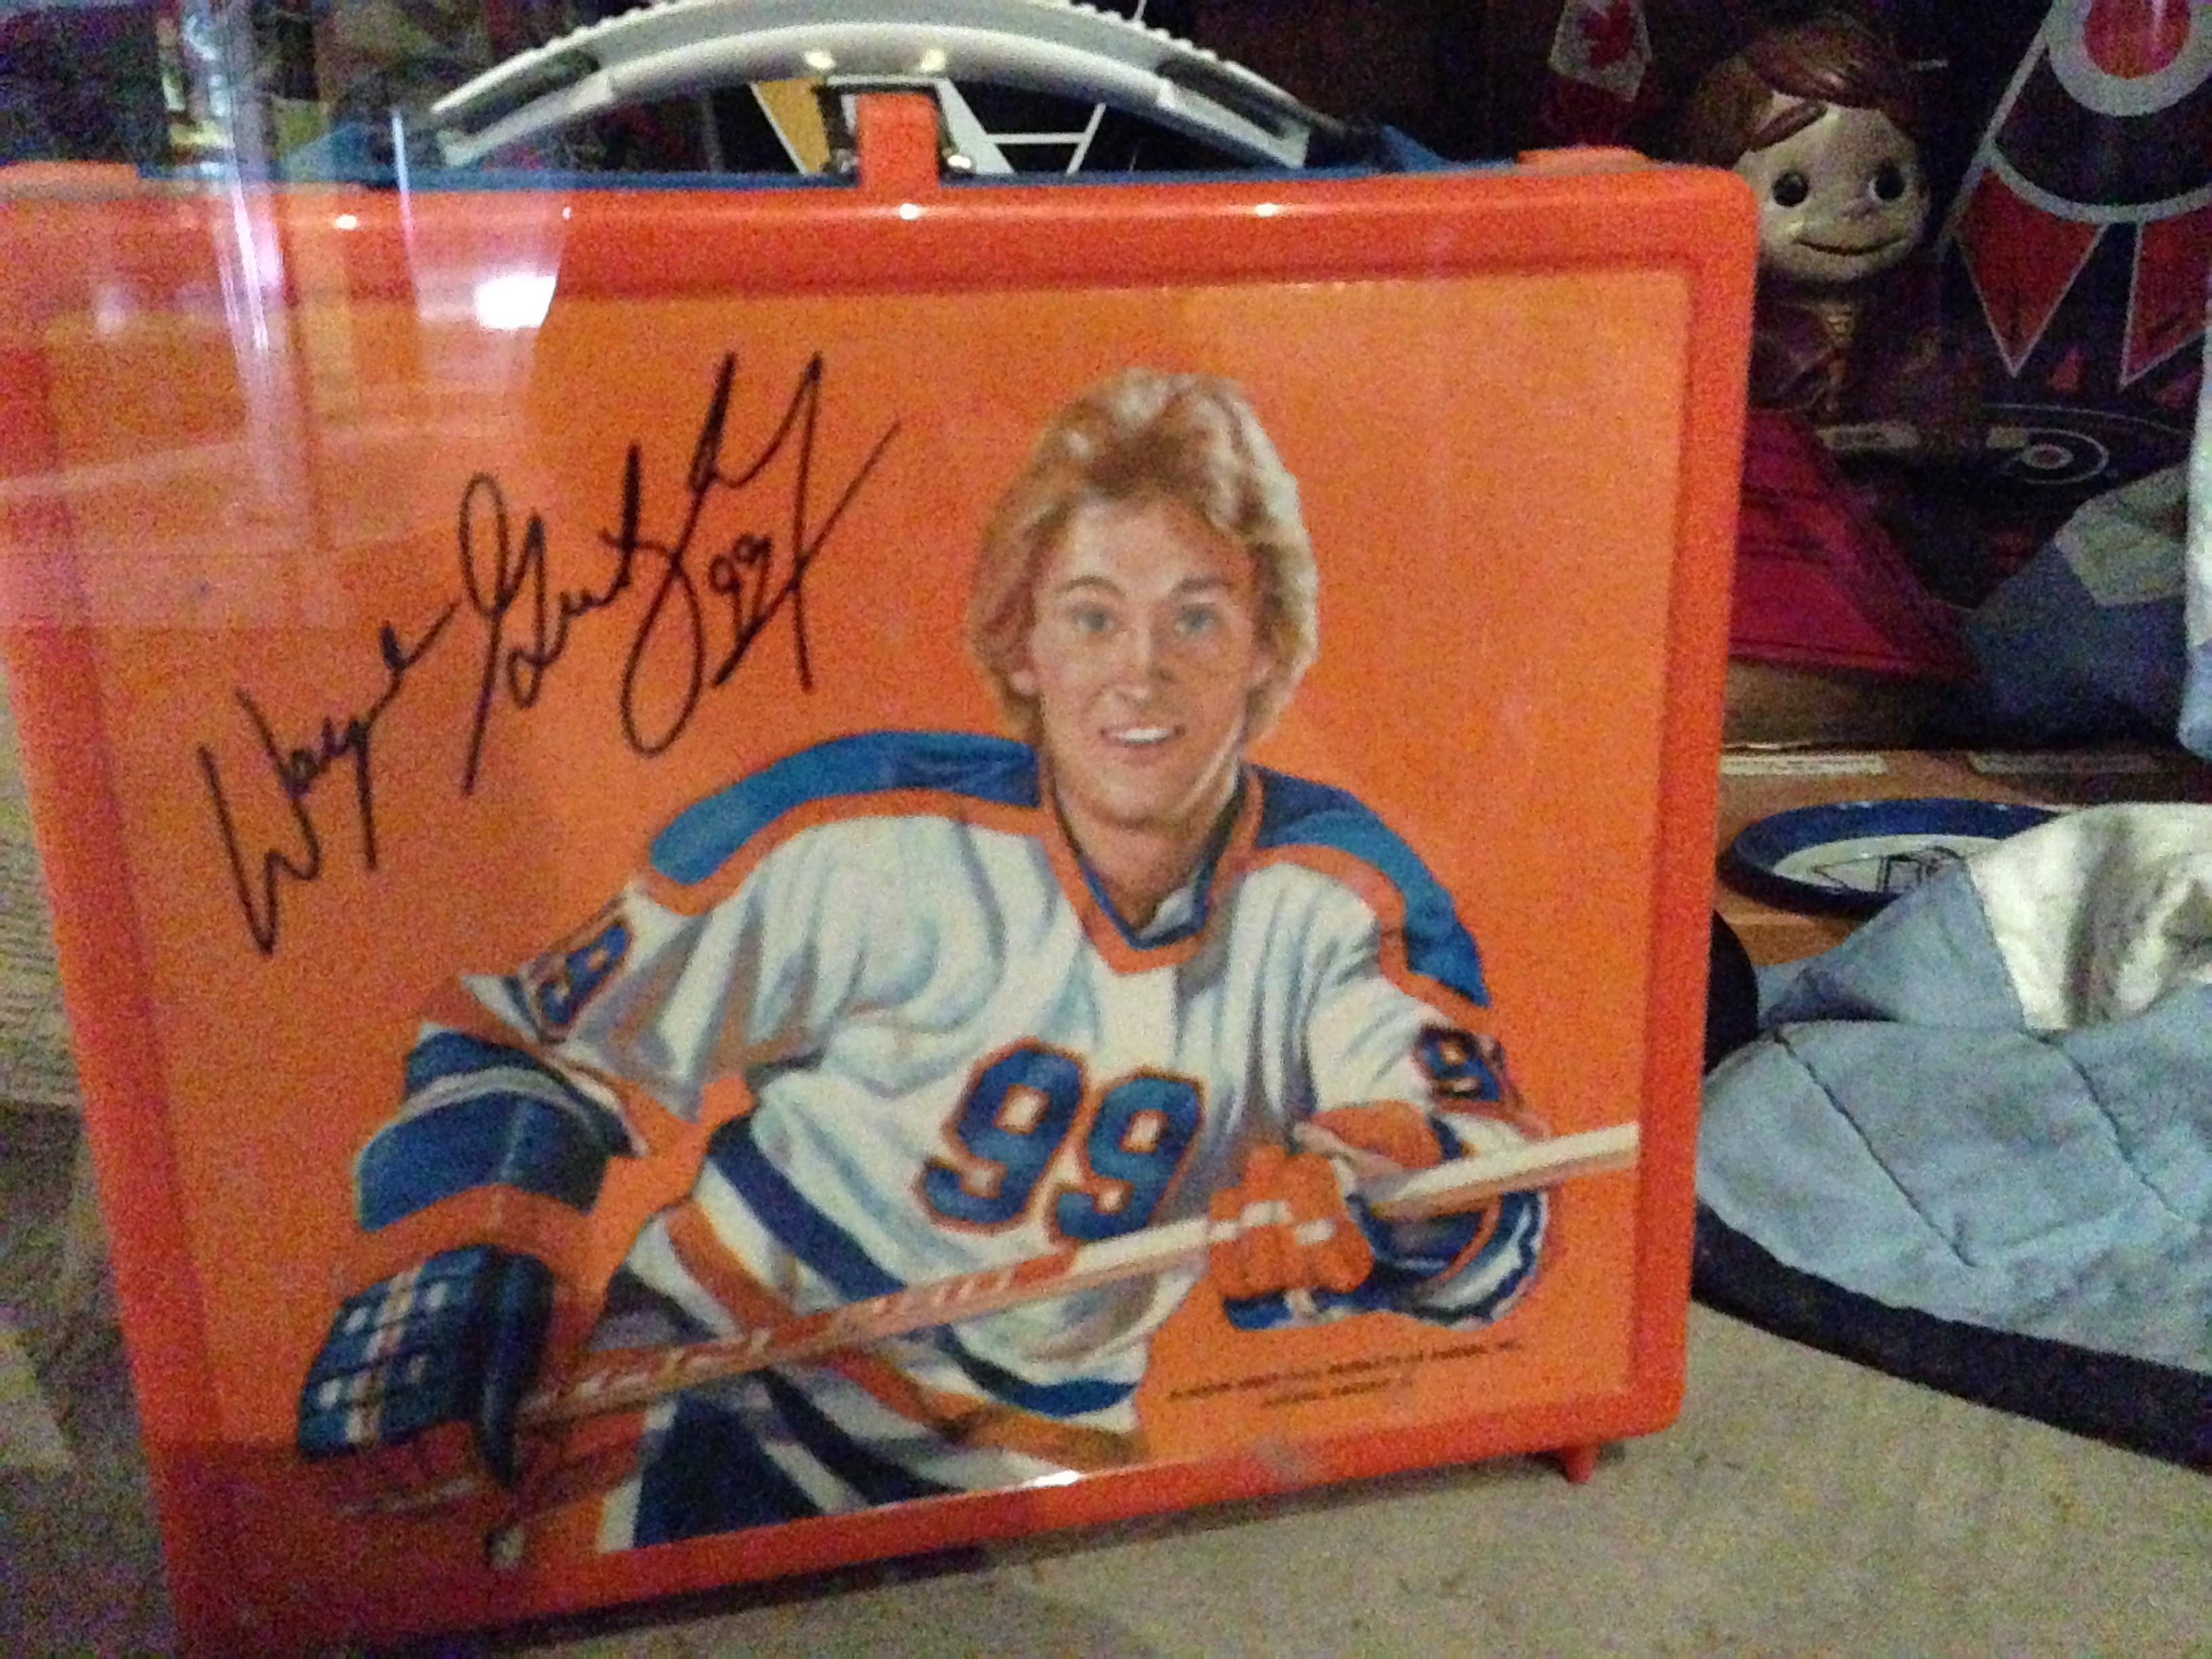 Wayne Gretzky lunchbox